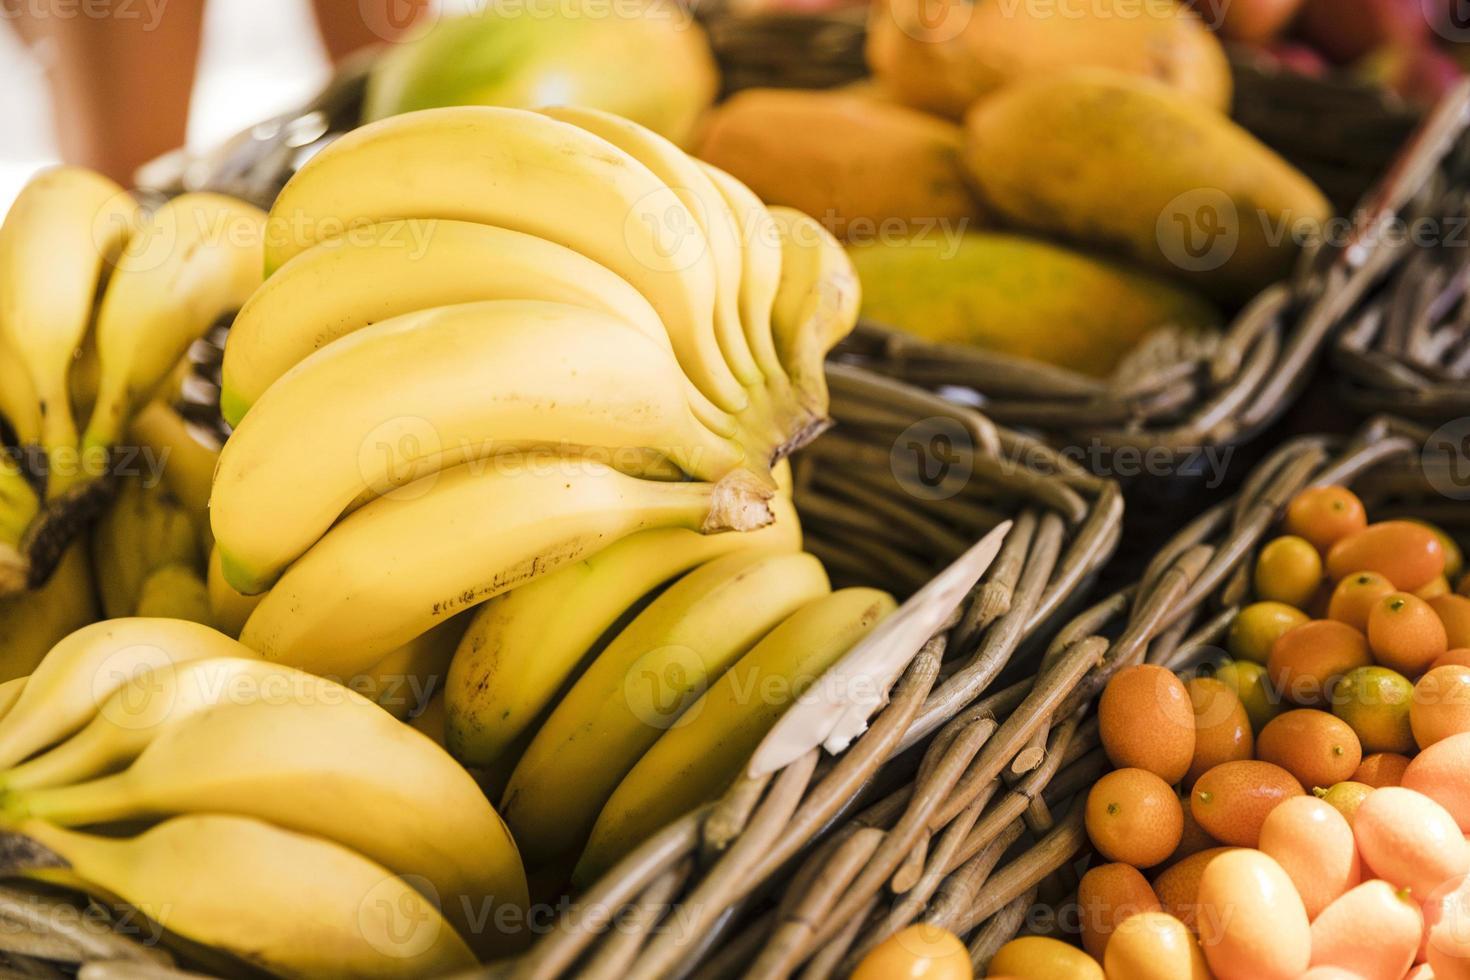 frische gesunde Bananen auf dem Straßenmarkt foto